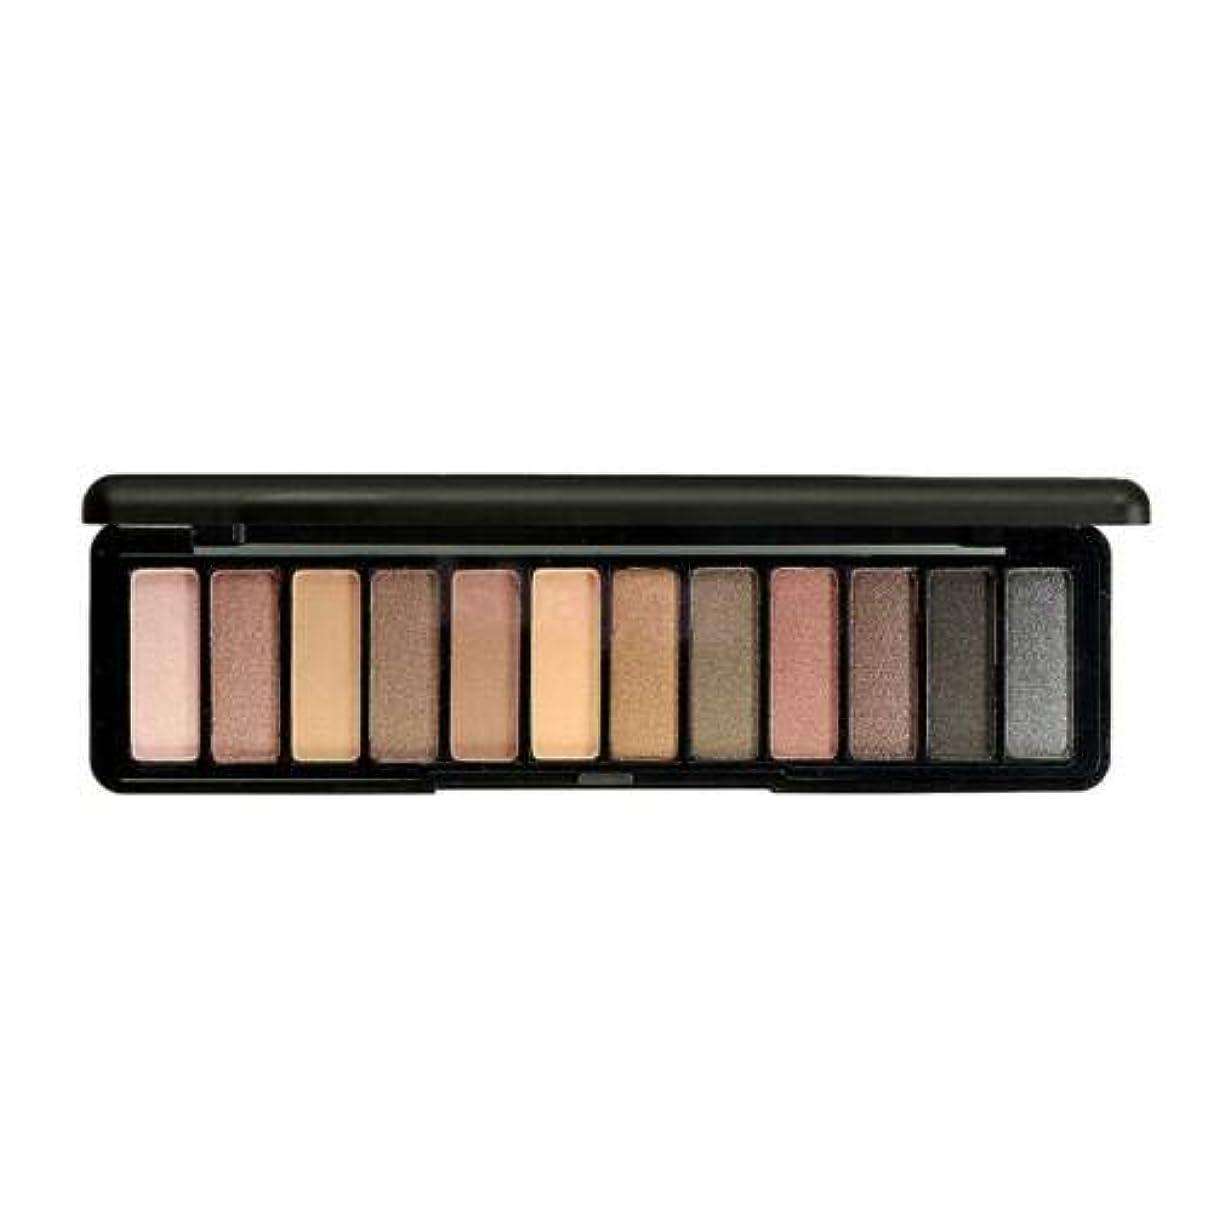 ずんぐりした振動する疑問に思うFidgetGear 12色化粧アイシャドーパレットシマーパールマットアイシャドー化粧品 #1